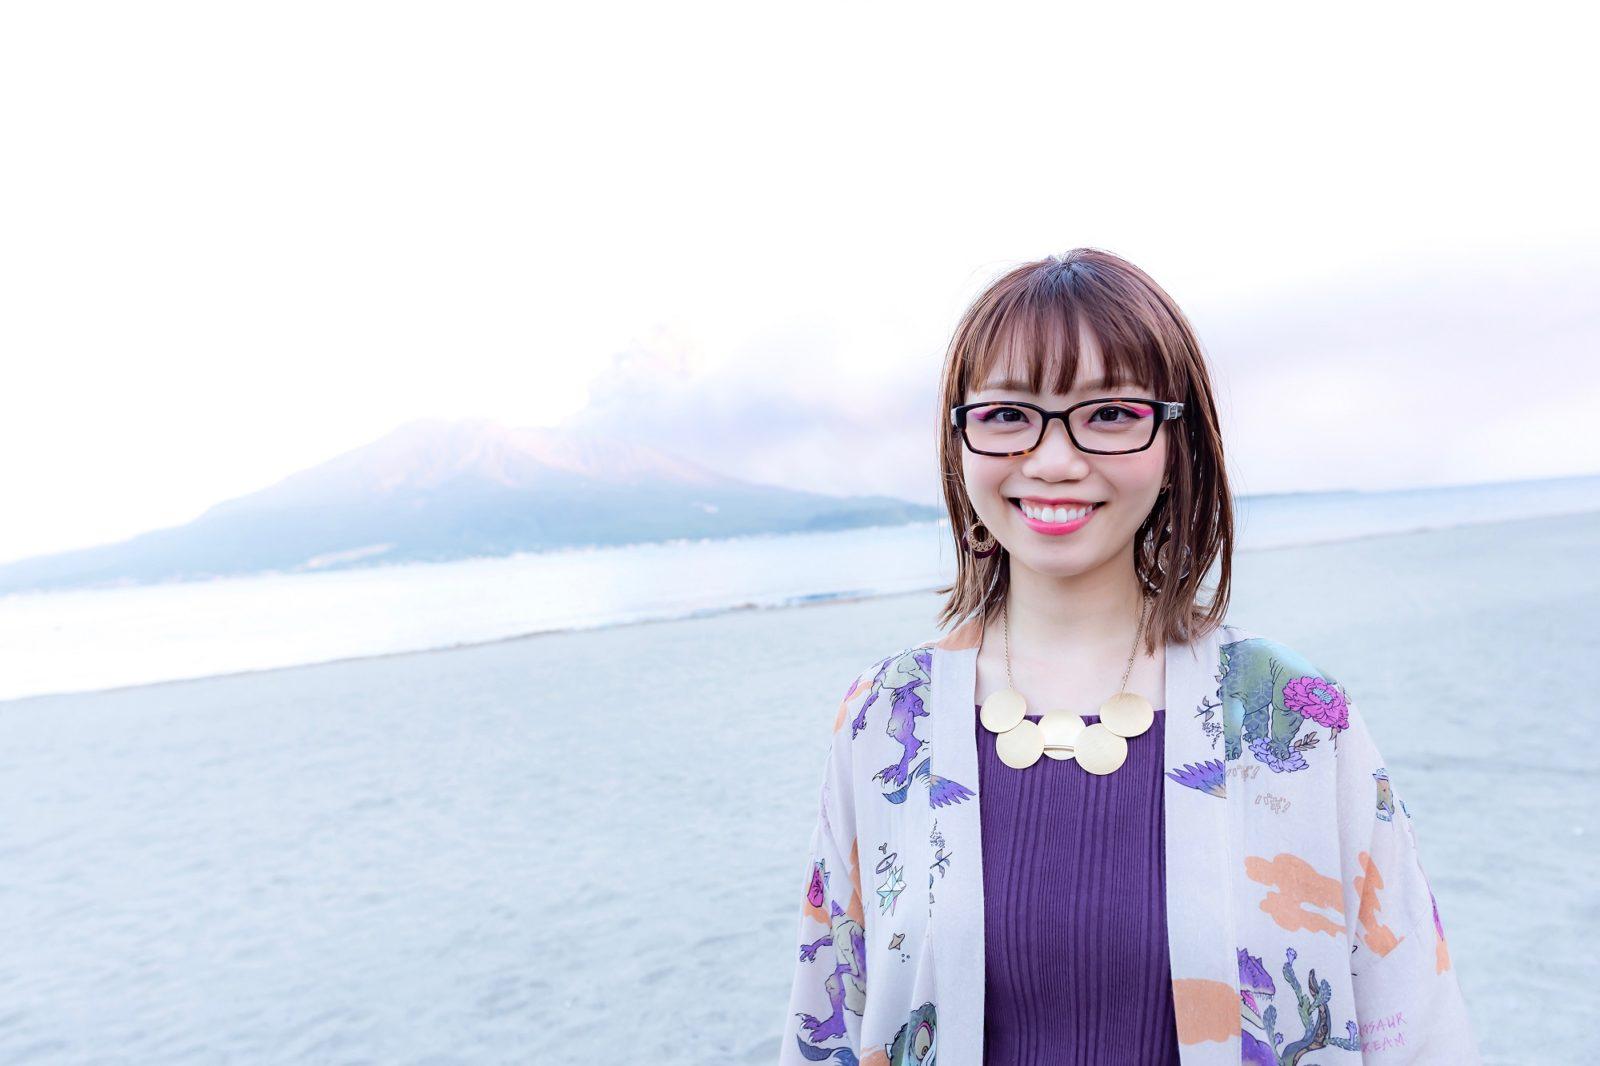 朝倉さや、アルバム「古今唄集」のリード曲「Mr.Mamurogawa」のリミックスをデジタルリリースサムネイル画像